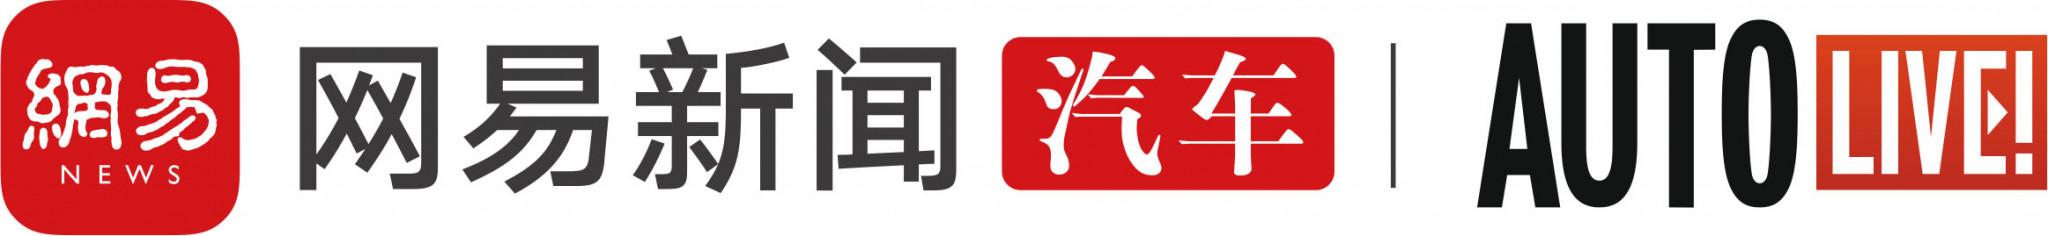 网易logo 2020